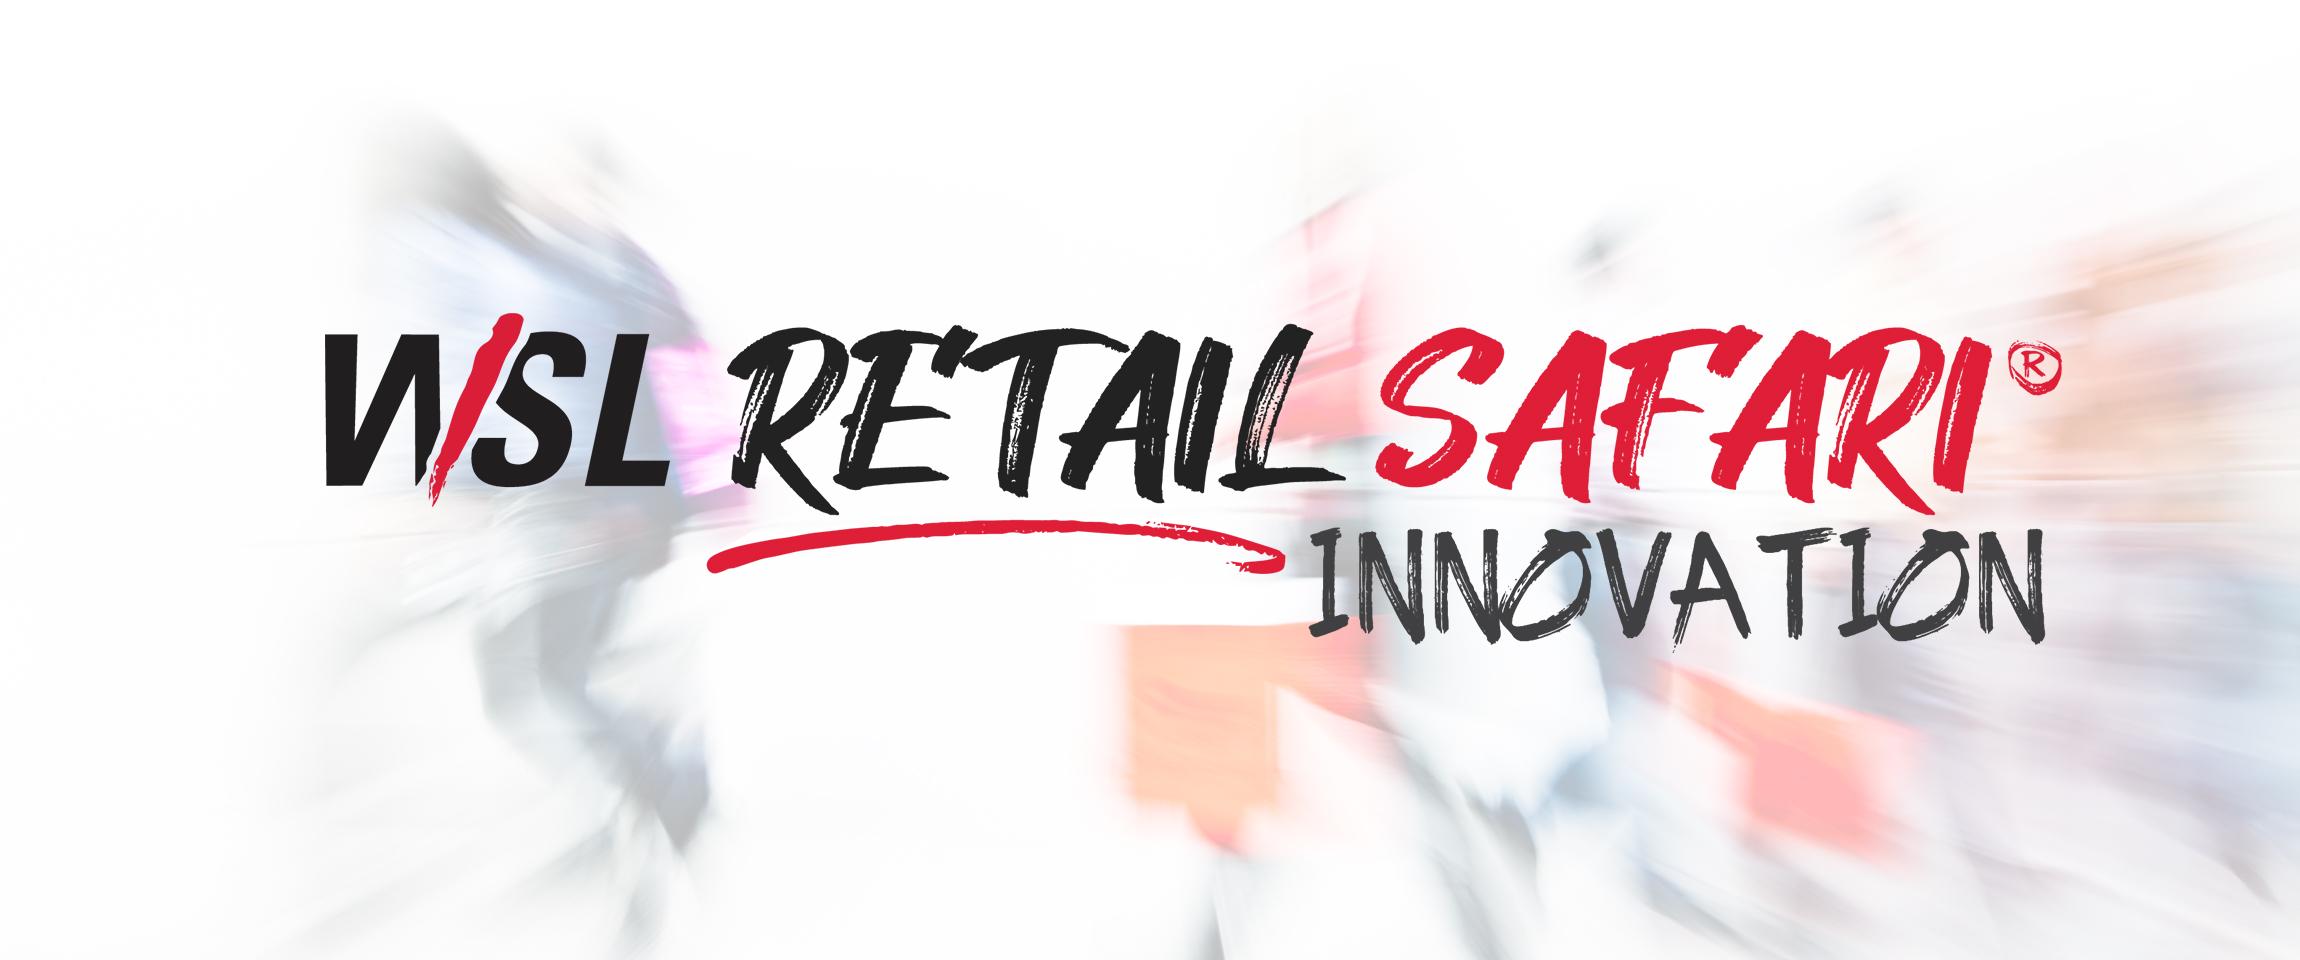 A Glimpse of WSL's Retail Safari® 2020